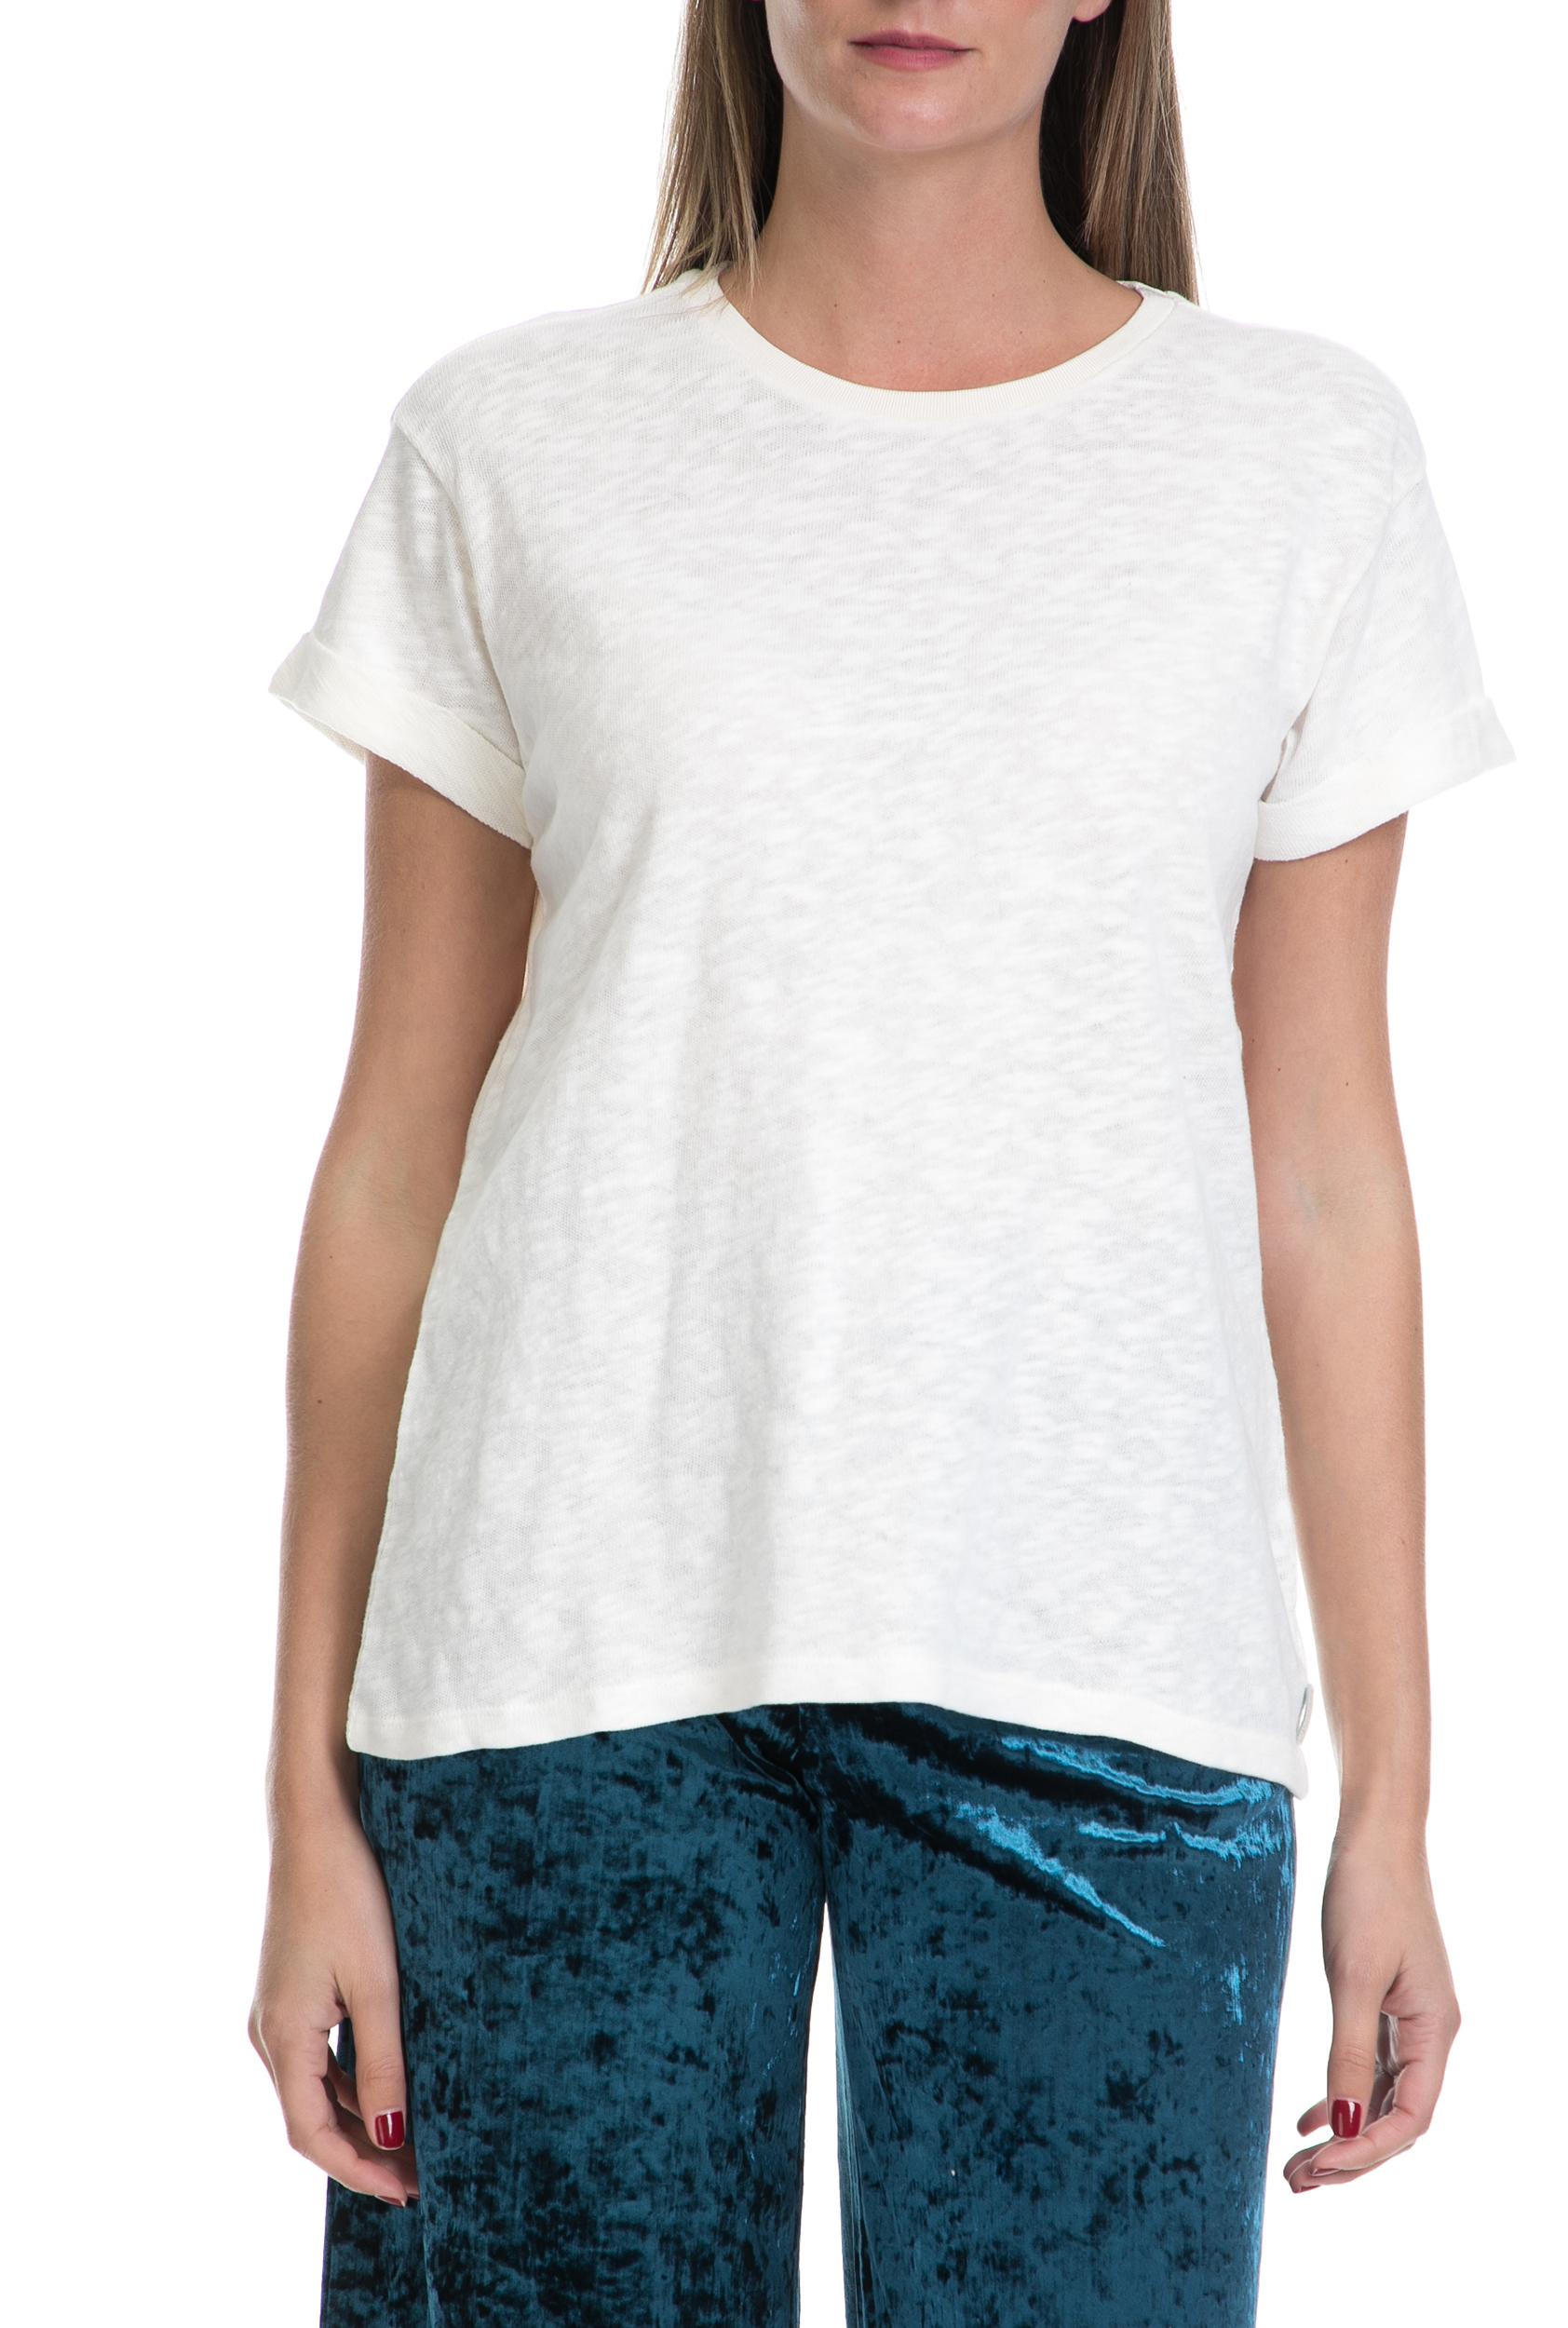 SCOTCH & SODA - Γυναικείο T-shirt Home alone MAISON SCOTCH λευκό γυναικεία ρούχα μπλούζες κοντομάνικες